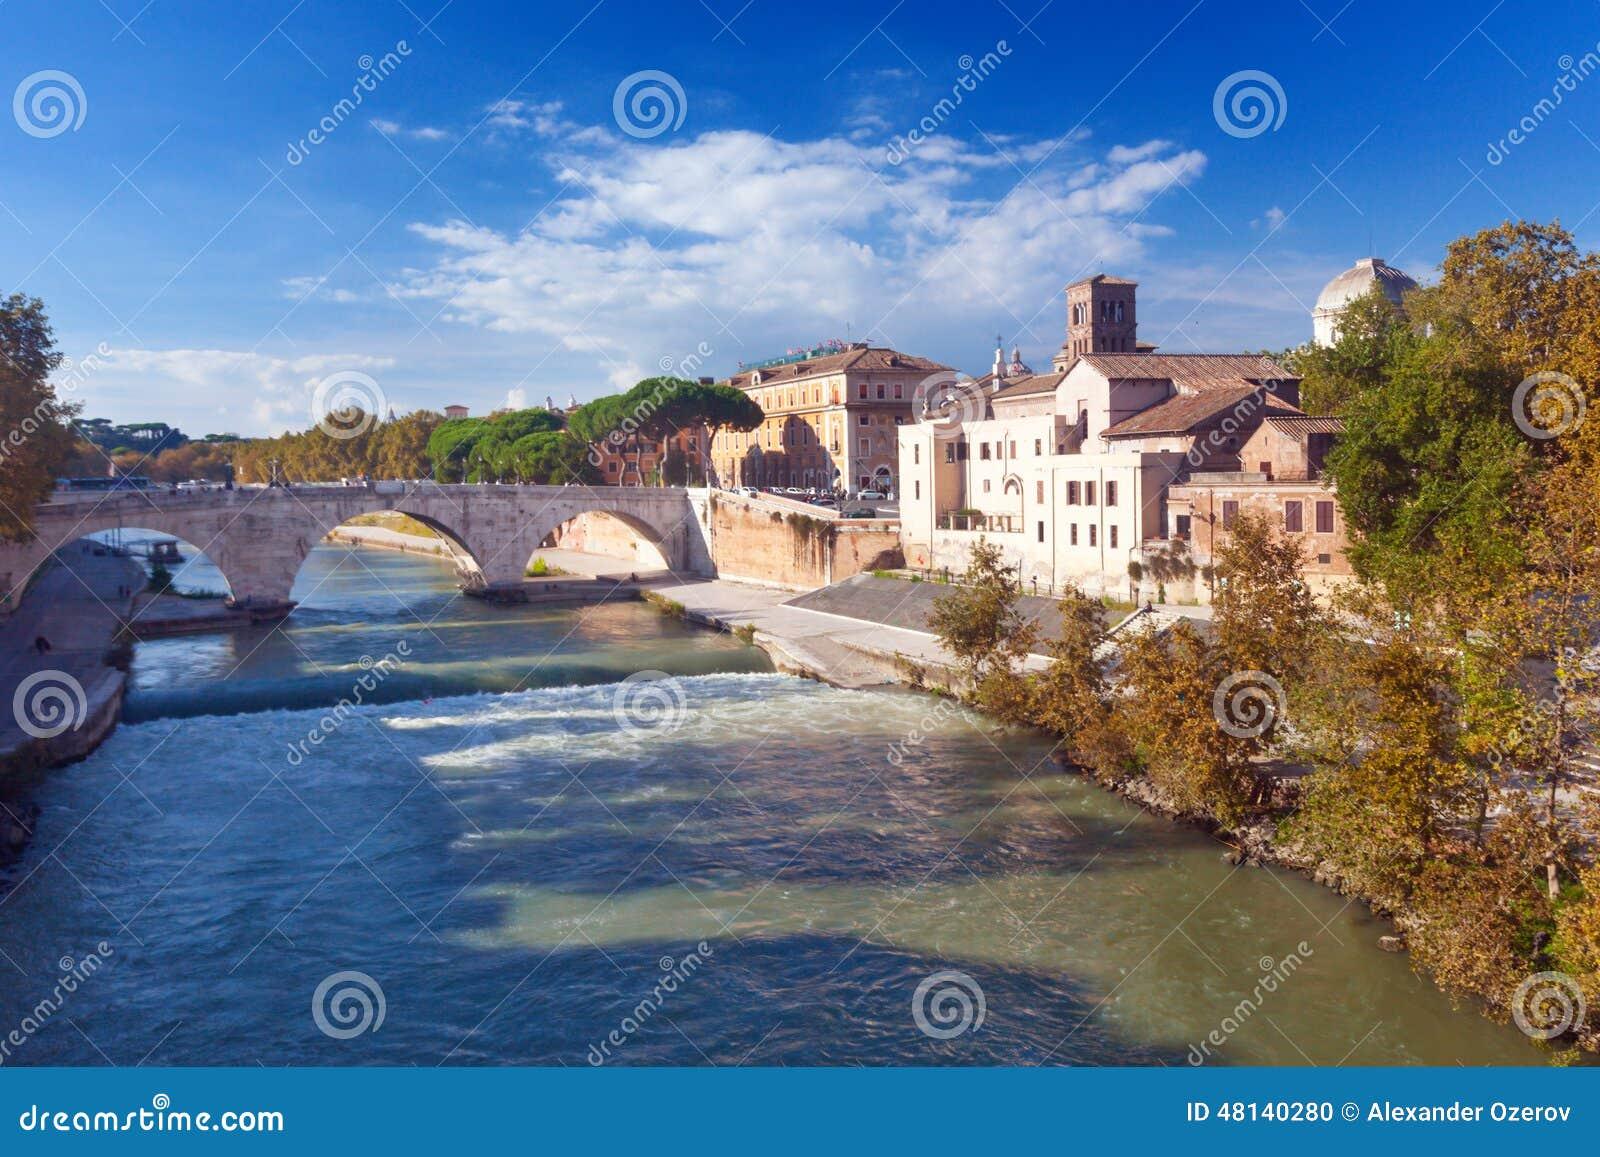 Νησί Tiber και γέφυρα Cestius γεφυρών στη Ρώμη